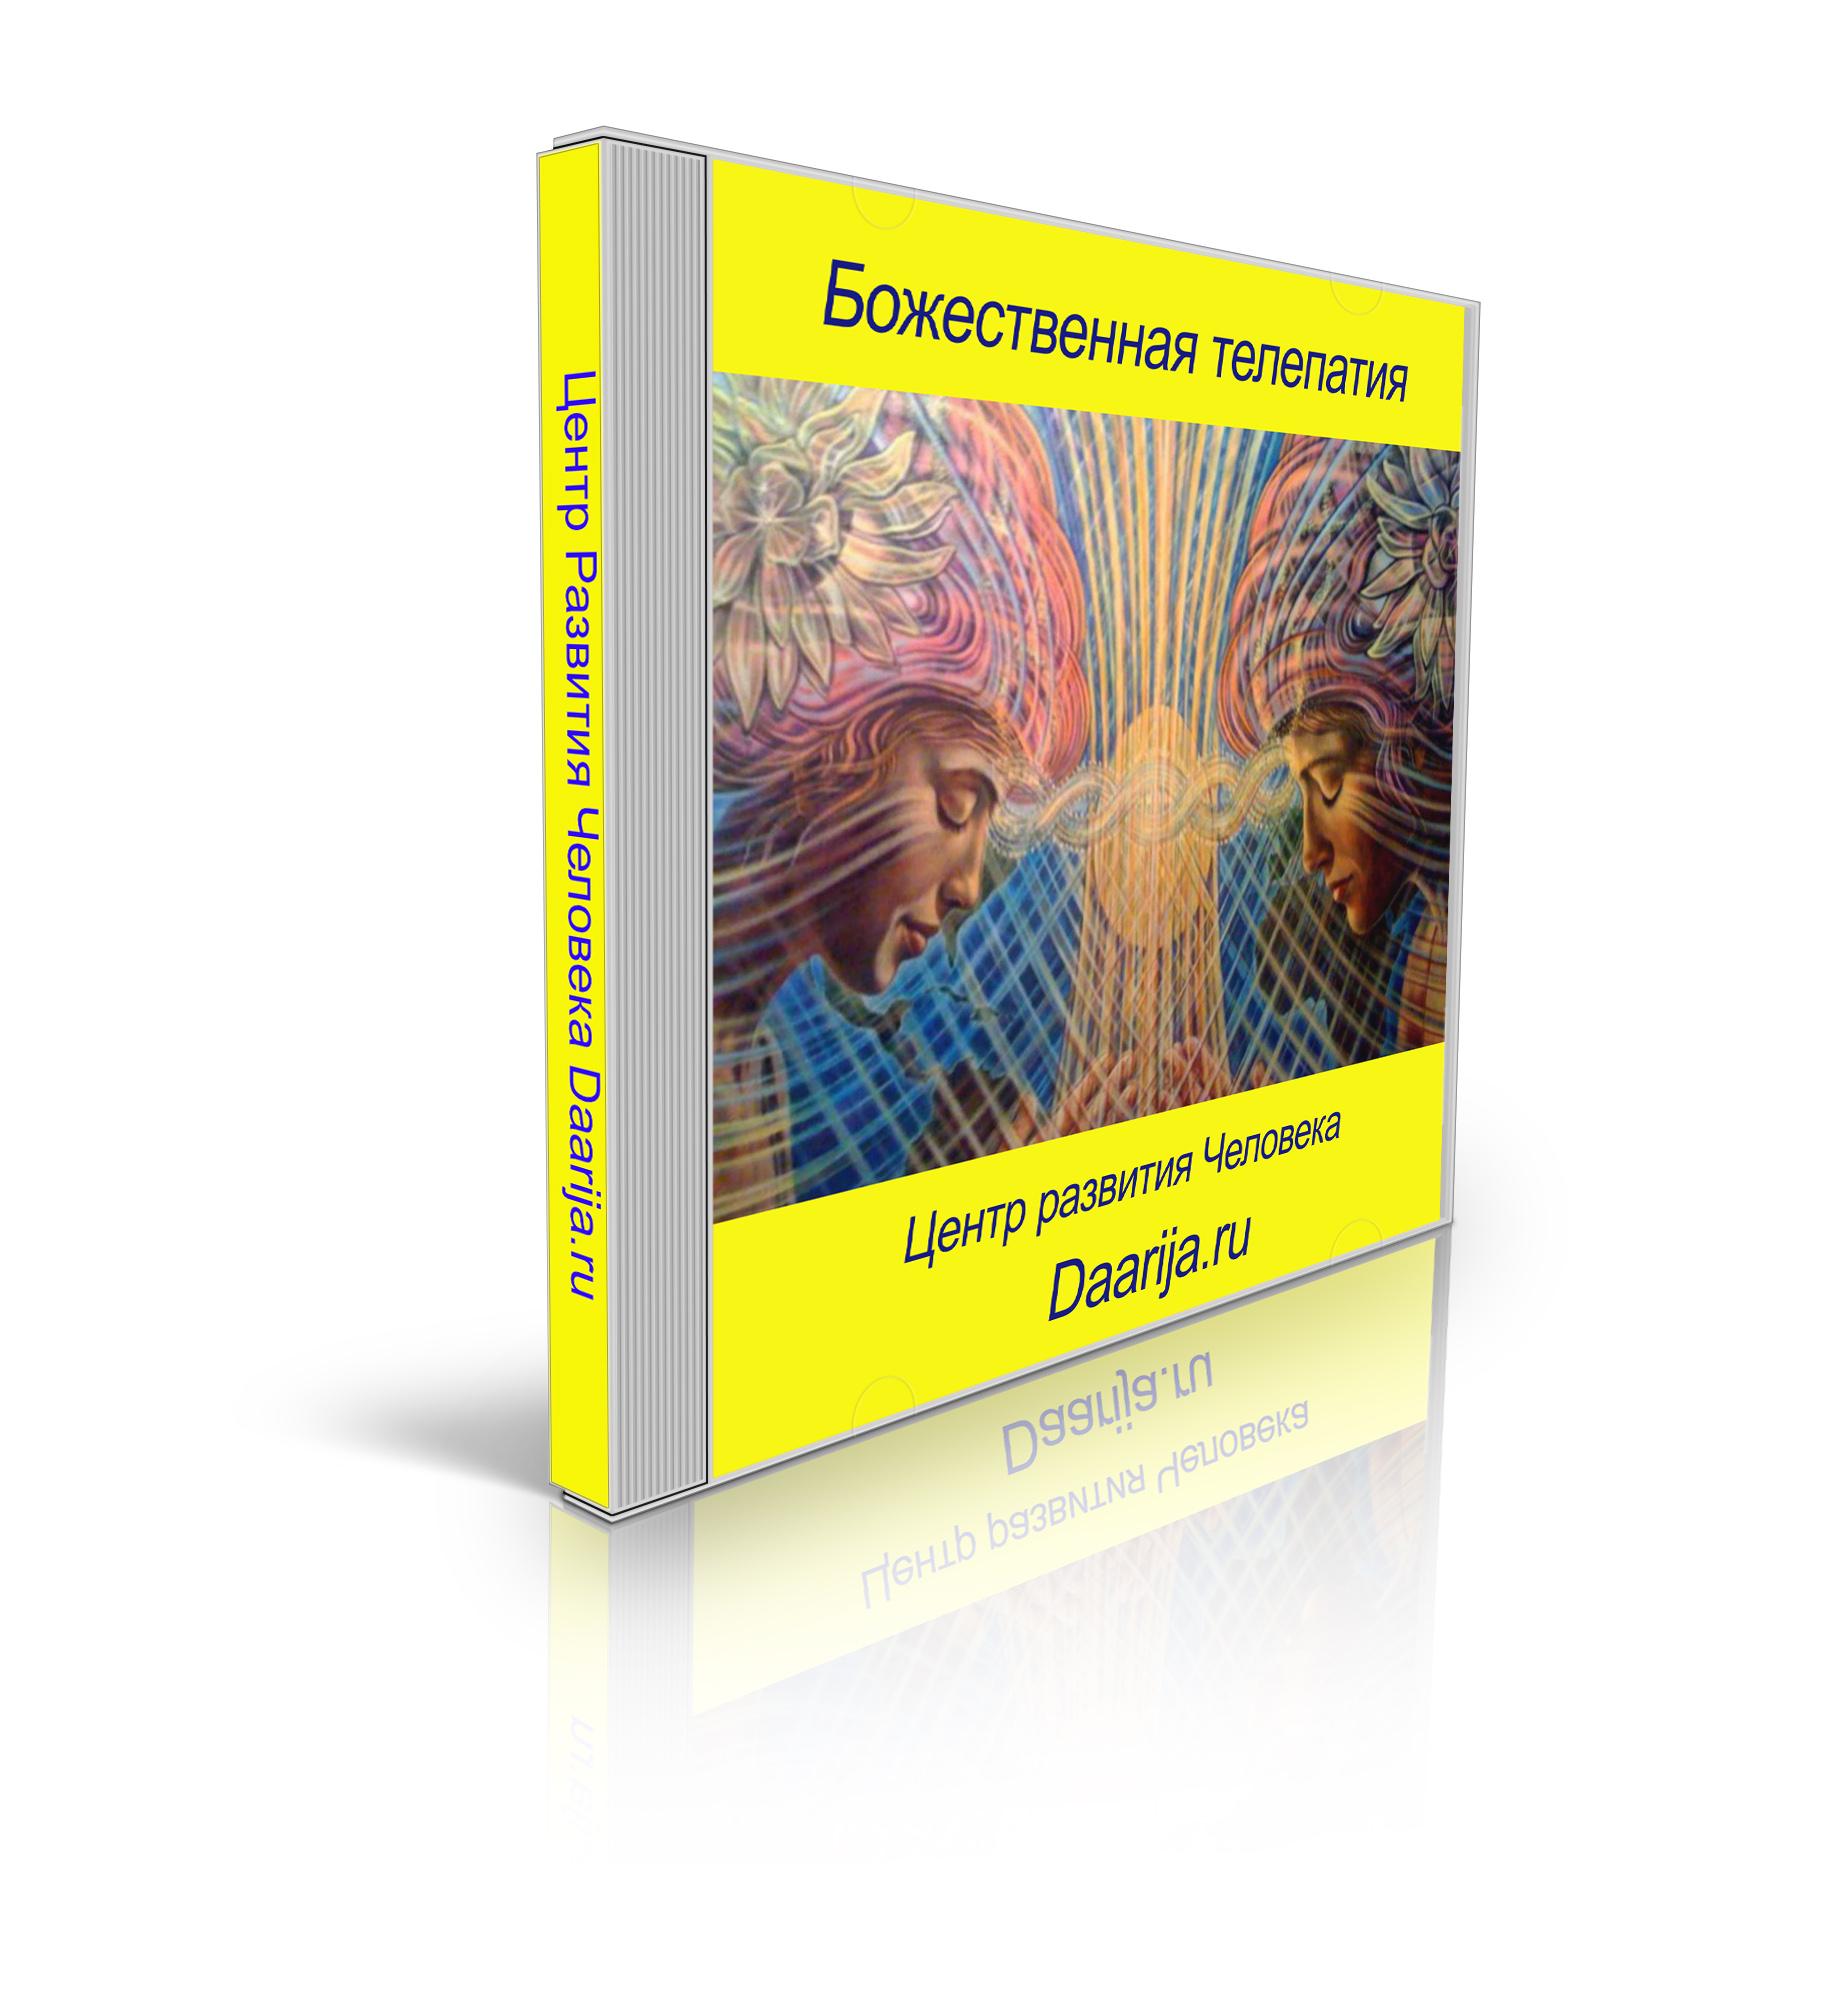 Божественная телепатия (ченнелинг). Версия 2.0. Психокоррекционная аудио программа.